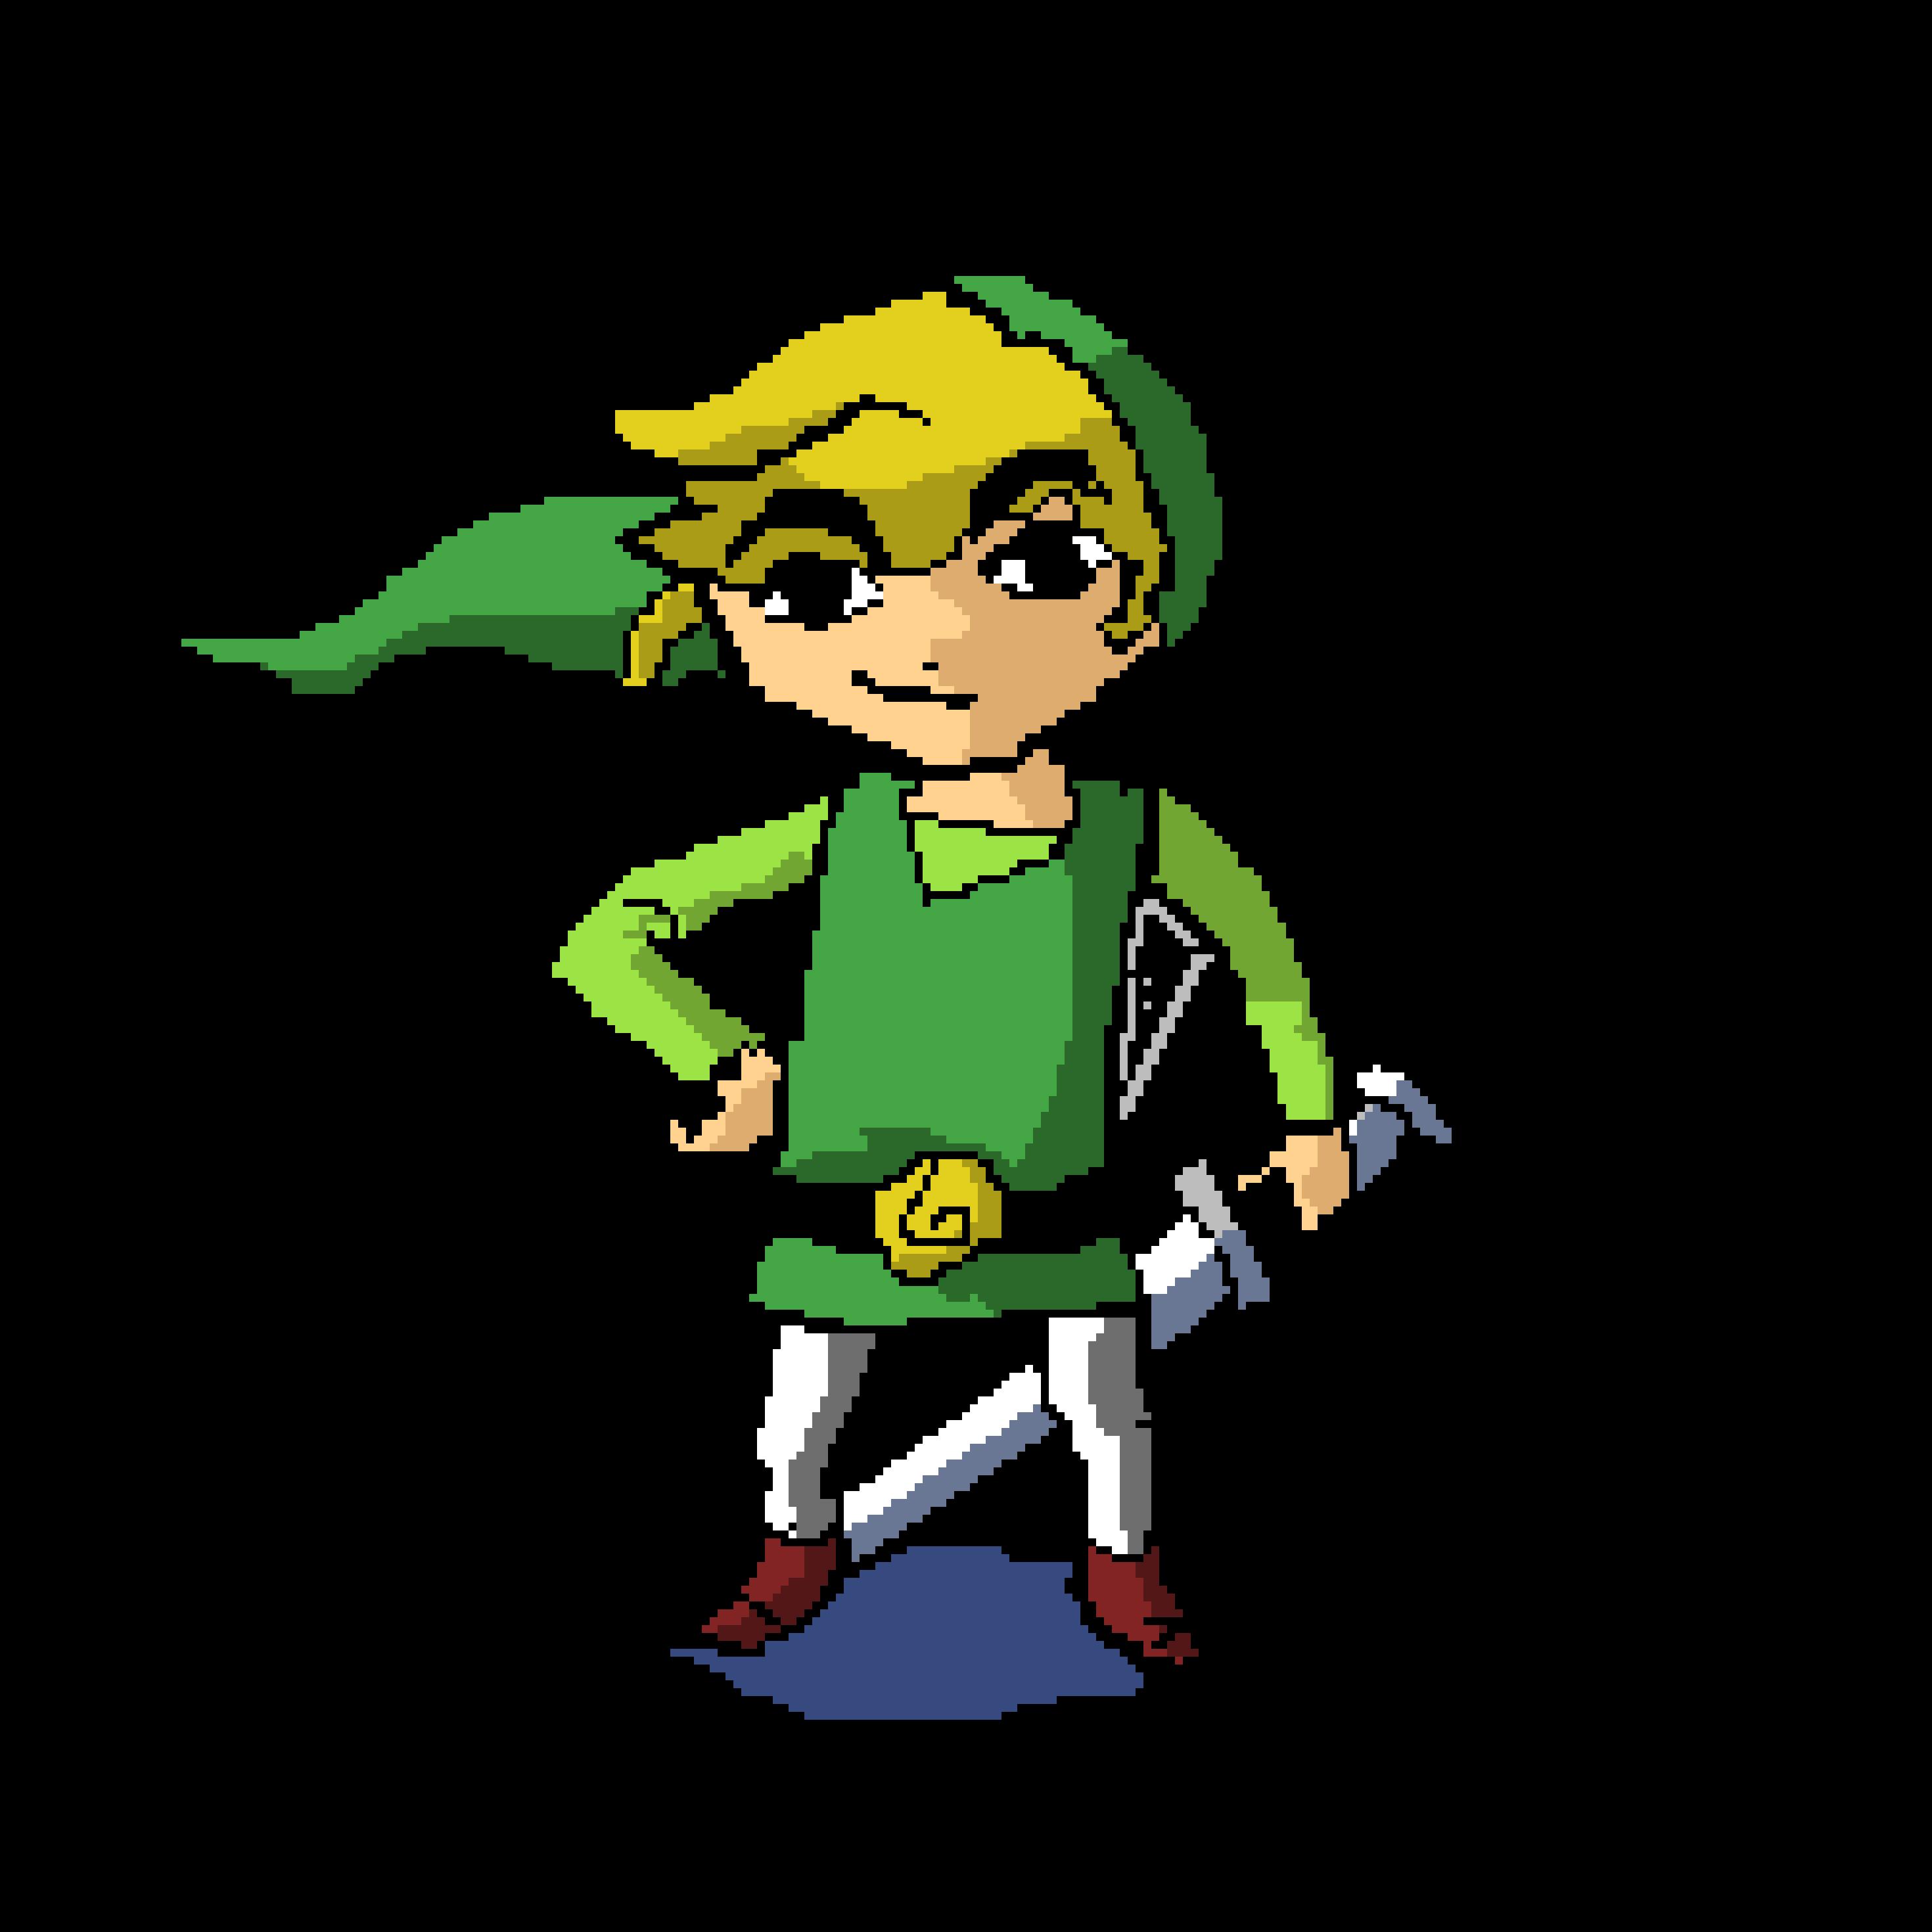 [Pixel Art] Toon Link